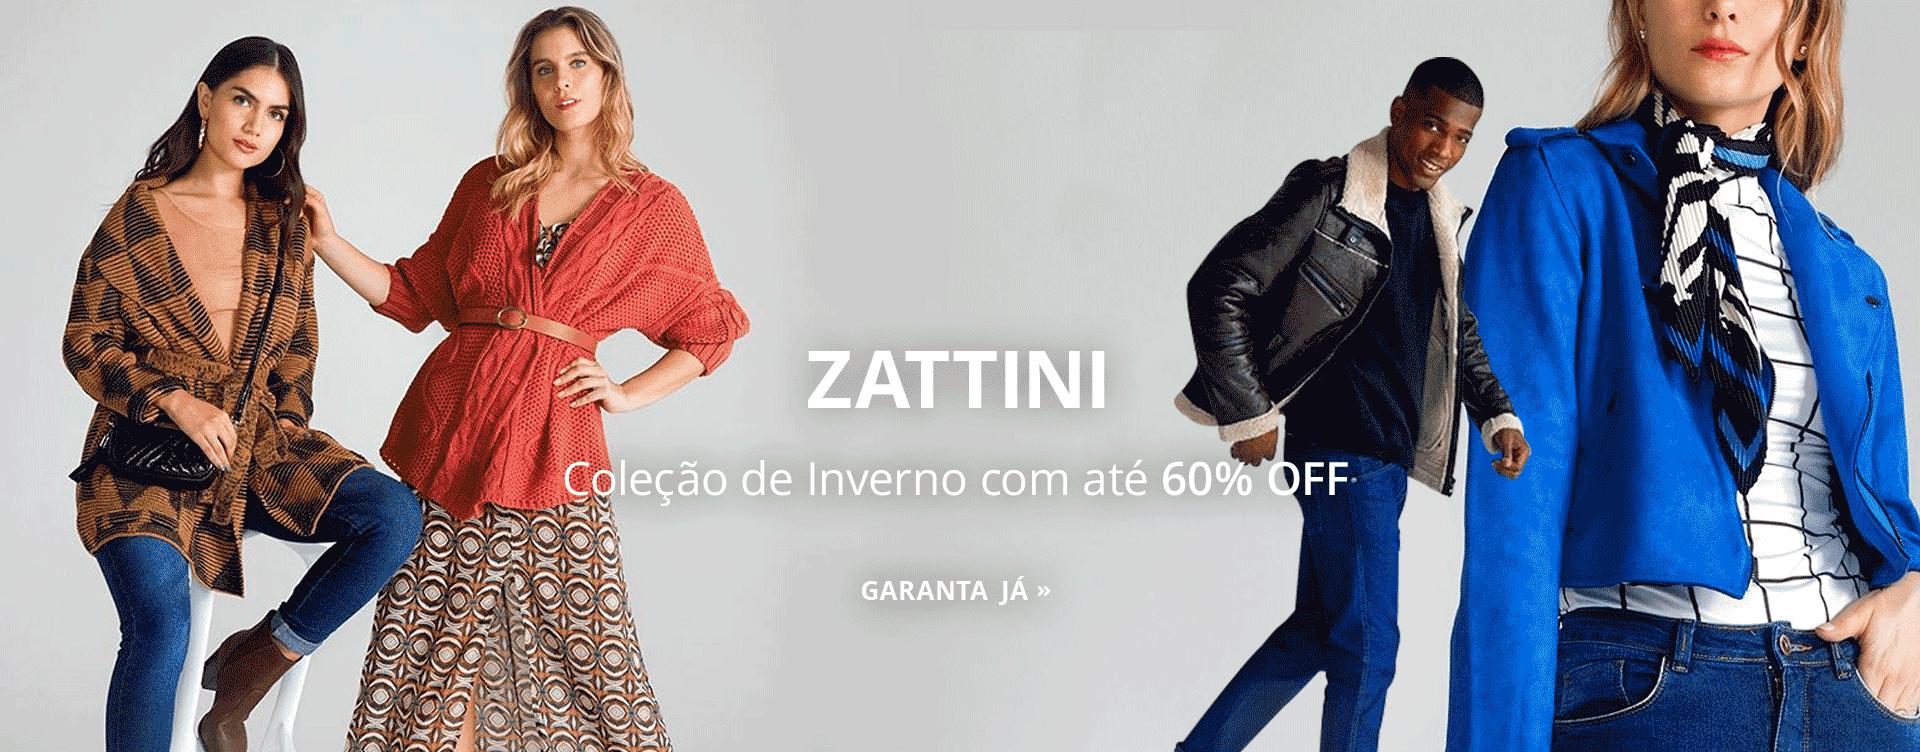 Zattini: Coleção de Inverno com até 60% OFF